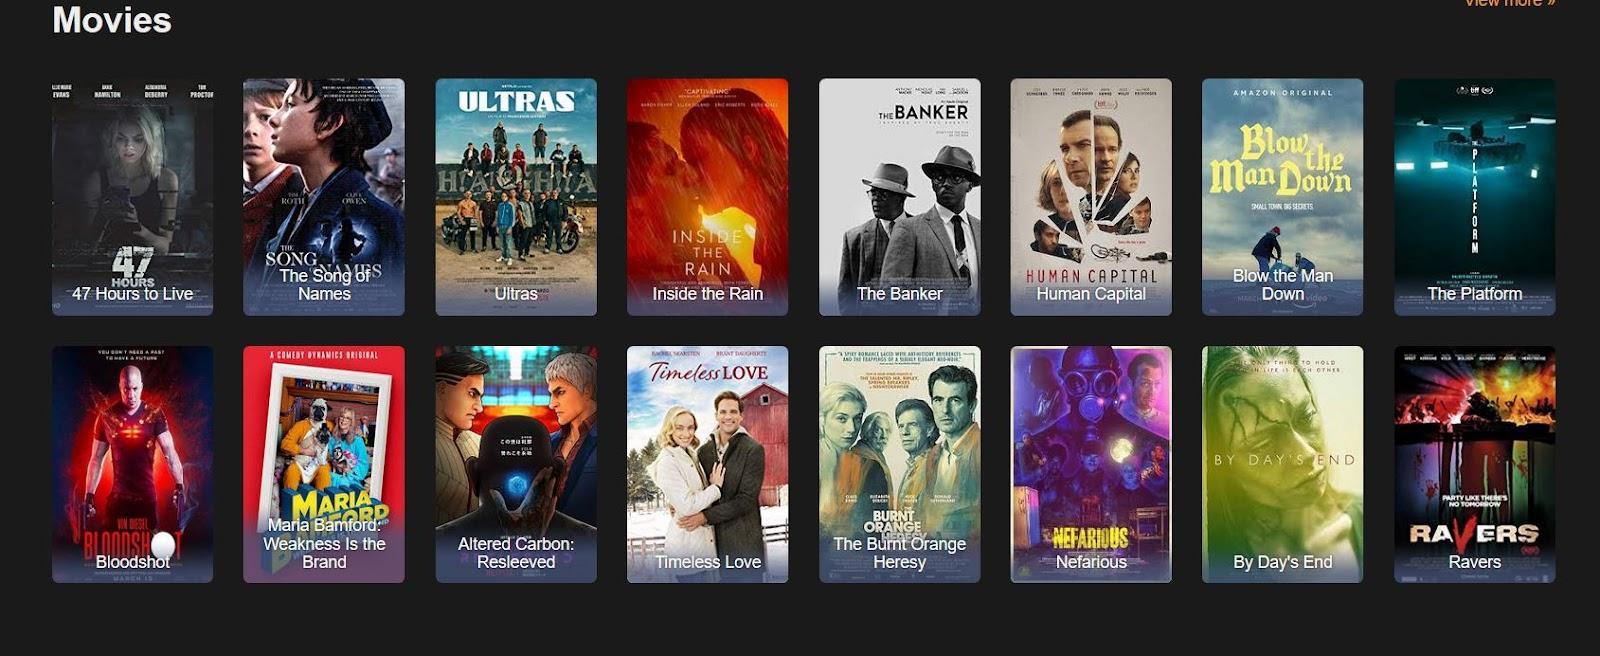 123movies247.com – A Pocket Theatre for Every Cinephile! 2